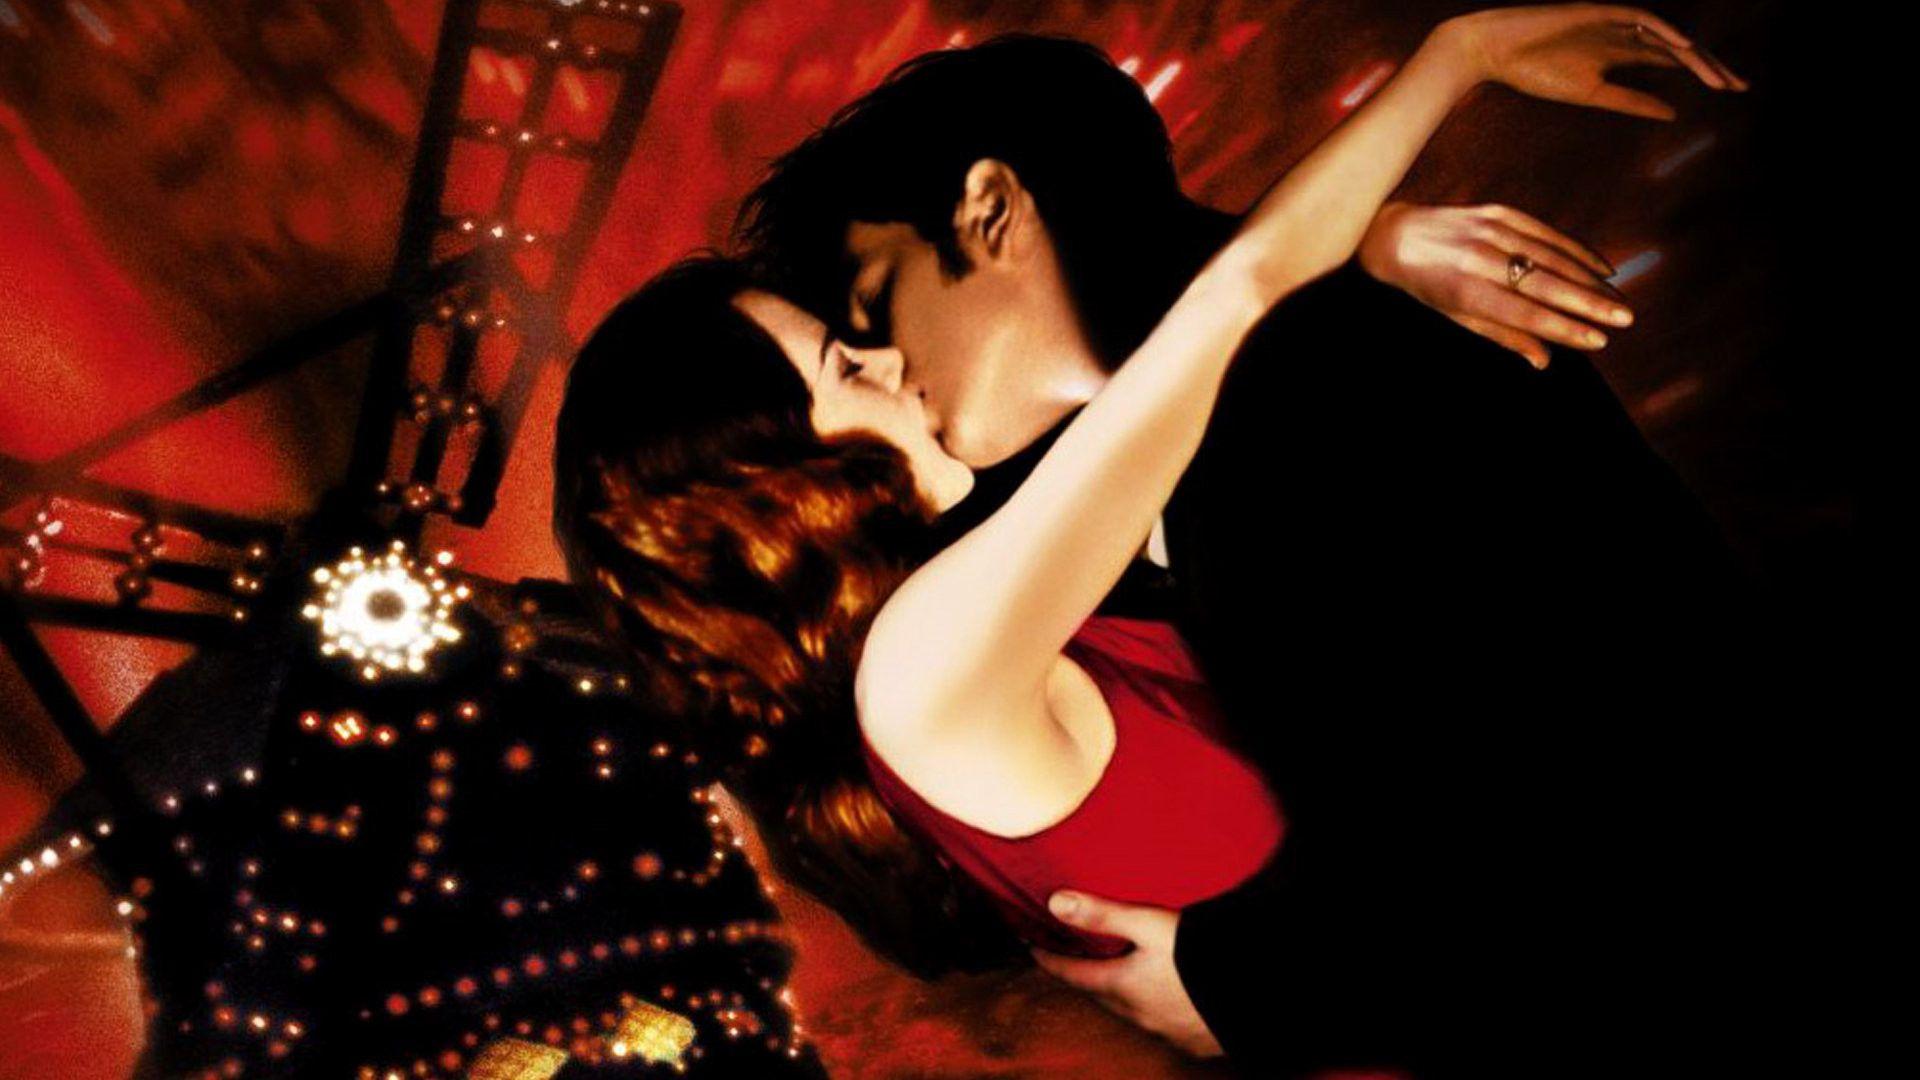 Resultado de imagem para moulin rouge kiss scene